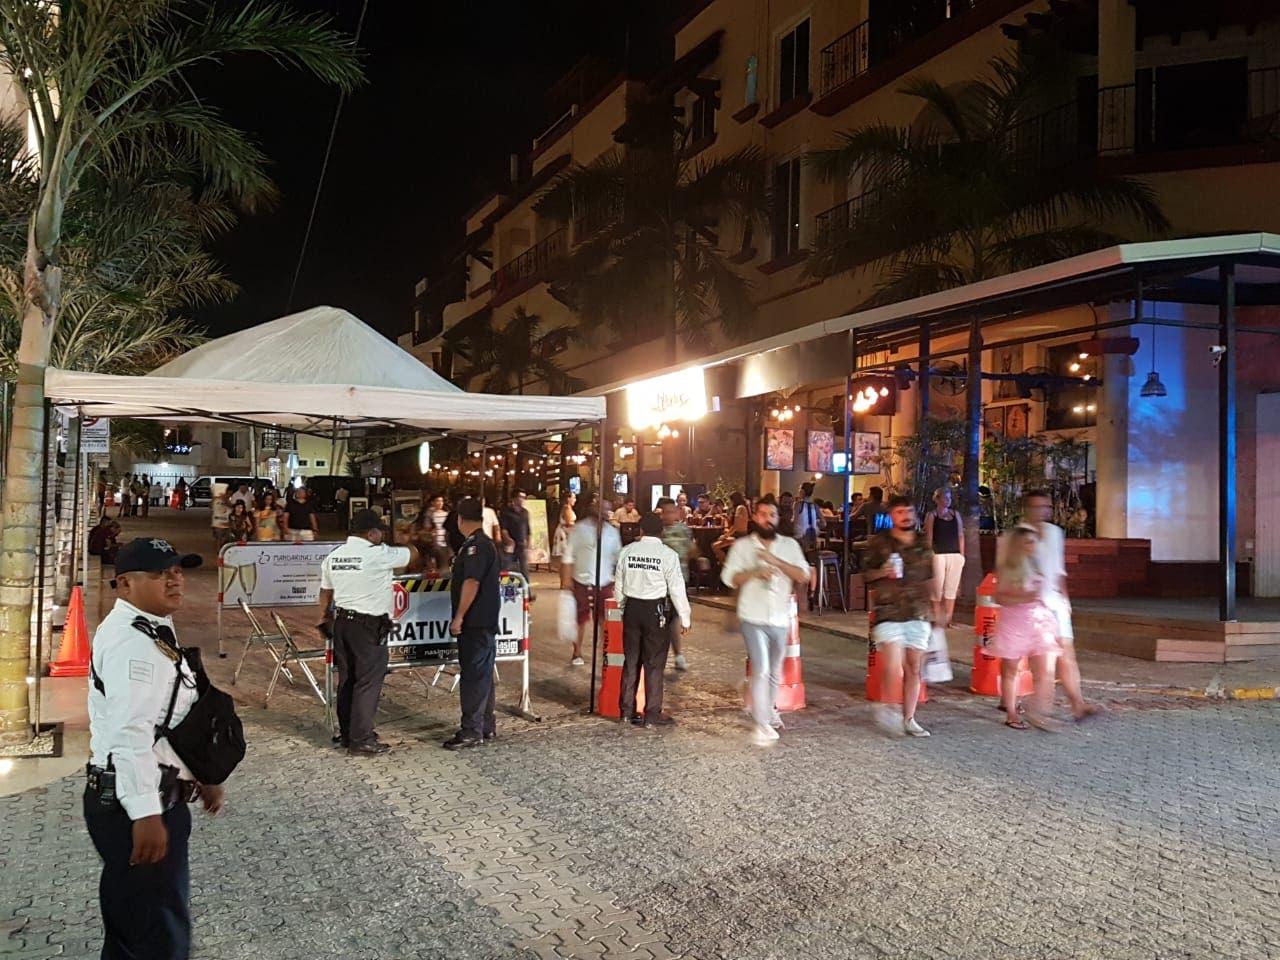 Festejos de inicio de año en Playa deja 11 detenidos